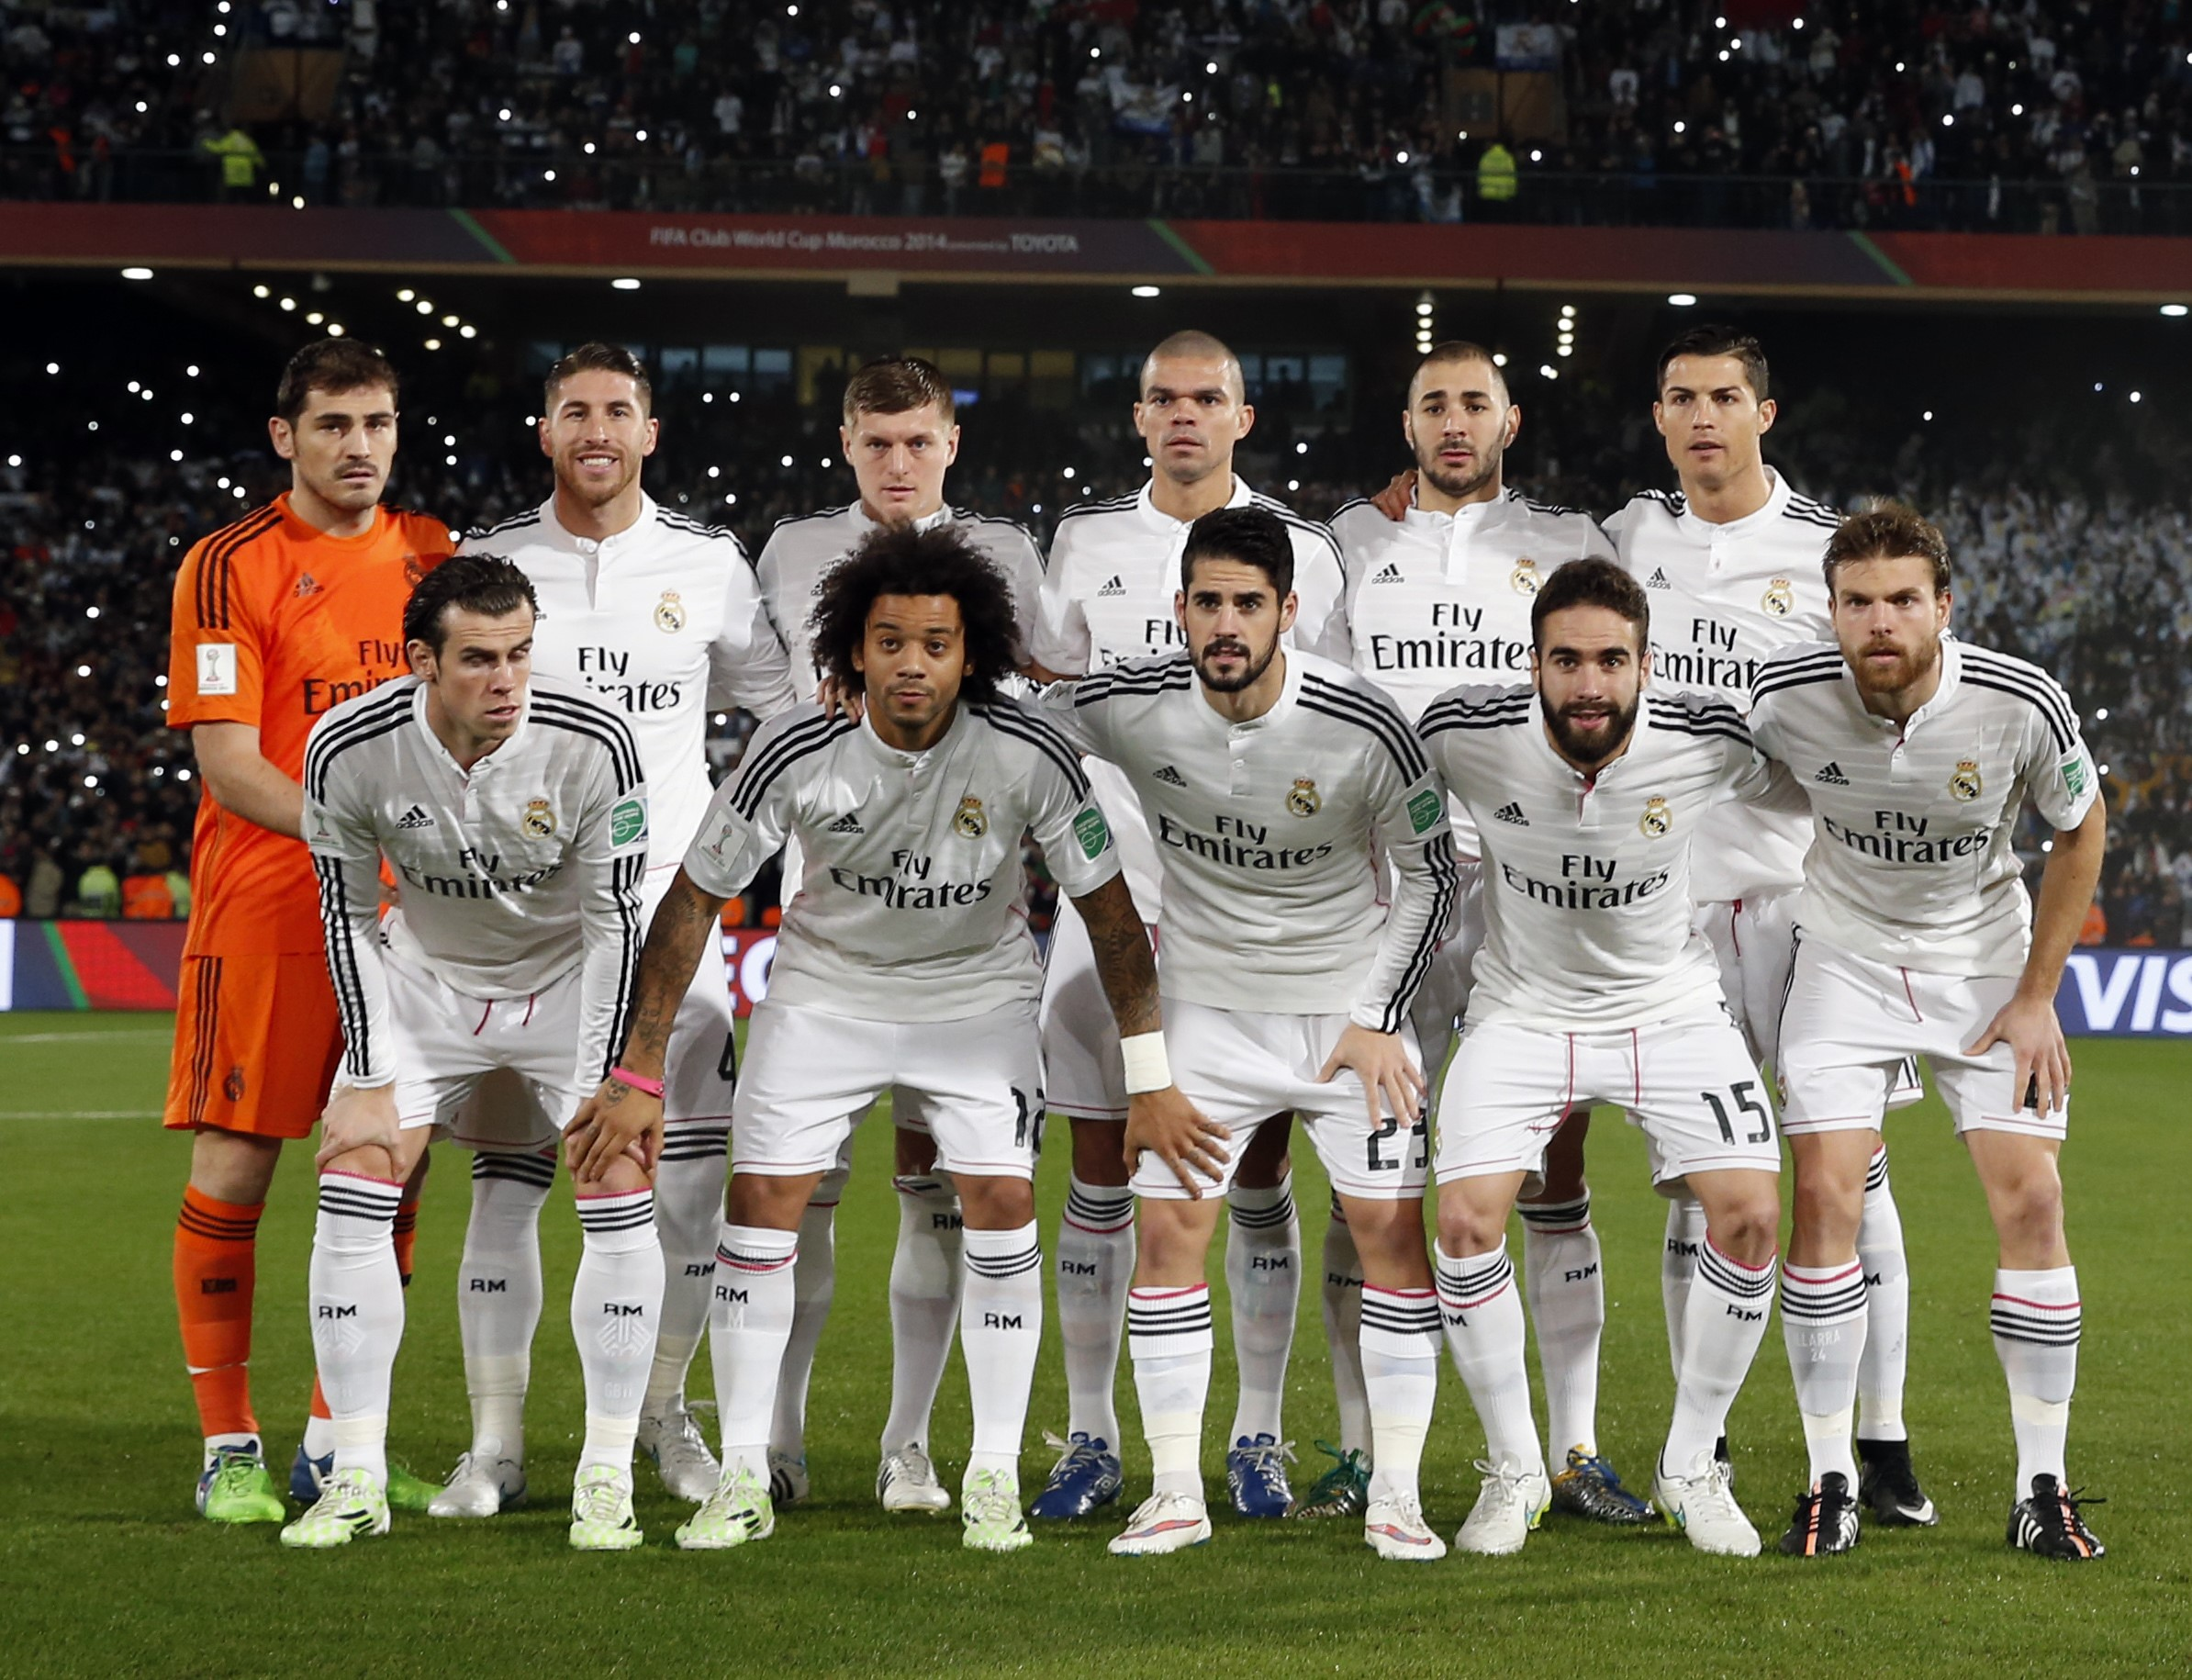 FC Real Madrid 11